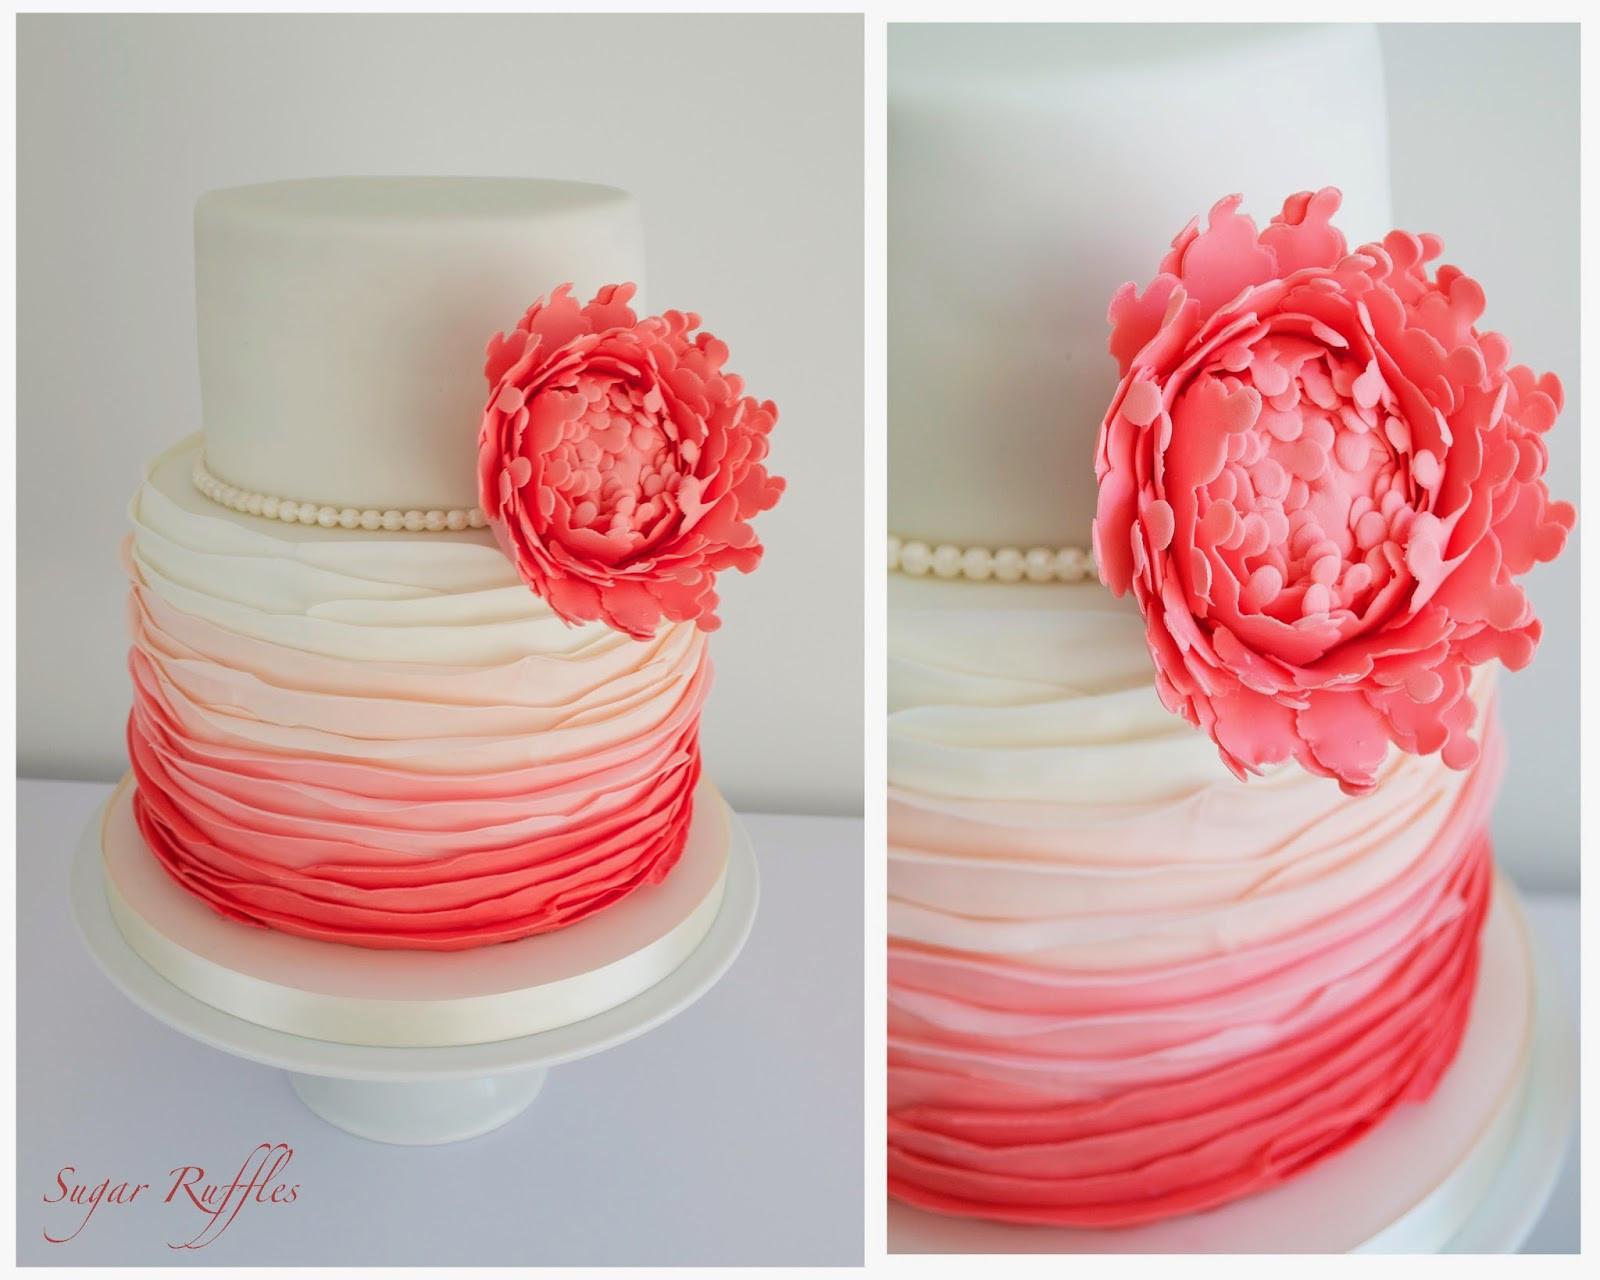 Wedding Cakes Coral  Sugar Ruffles Elegant Wedding Cakes Barrow in Furness